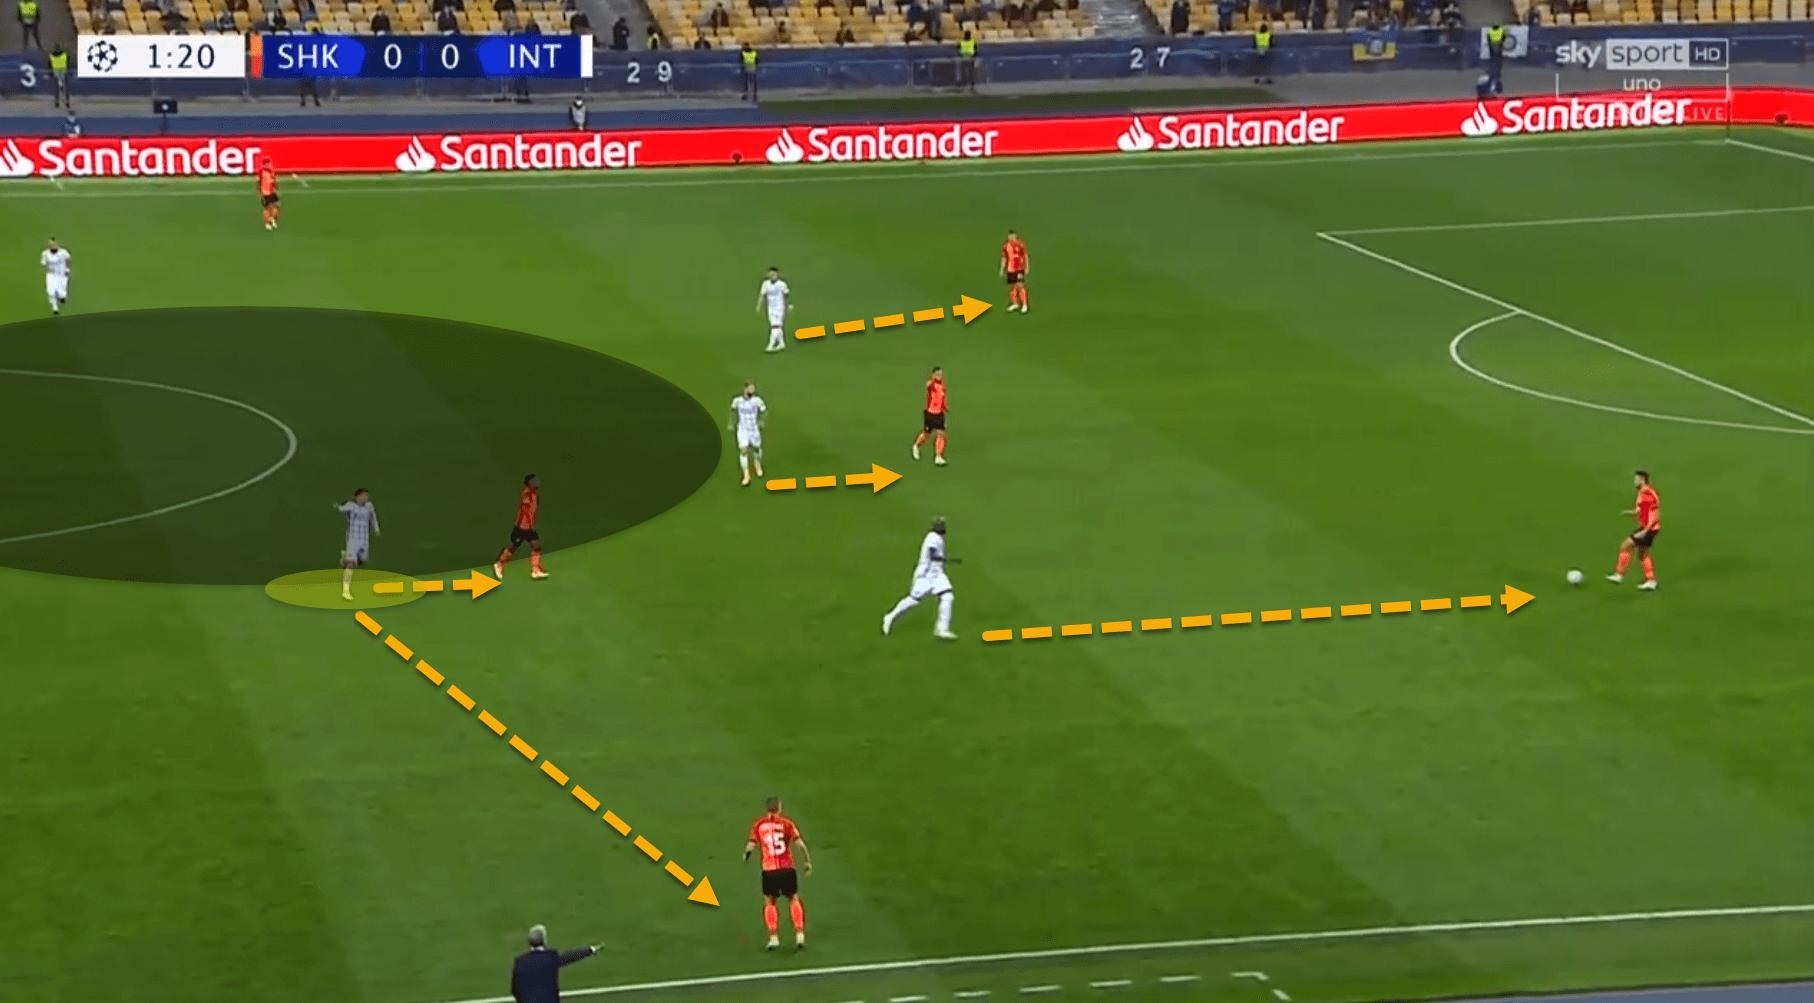 UEFA Champions League 2020/21: Real Madrid vs Inter - tactical preview tactics